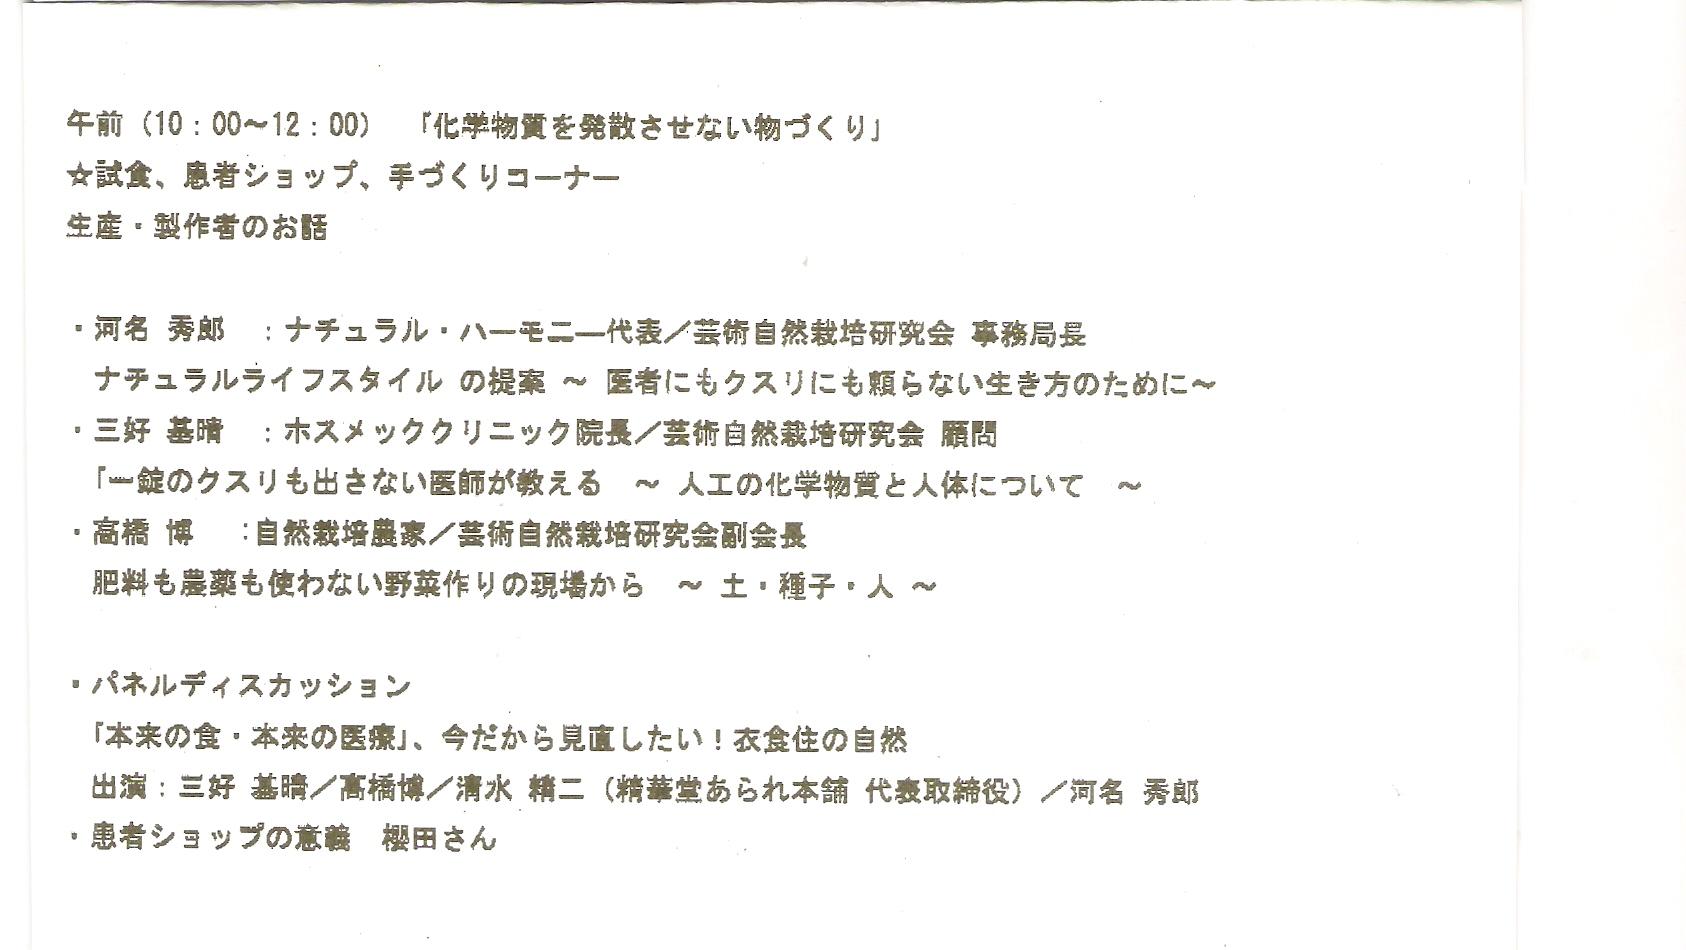 【パネルディスカッションと中島先生プロフィールと各タイトル】